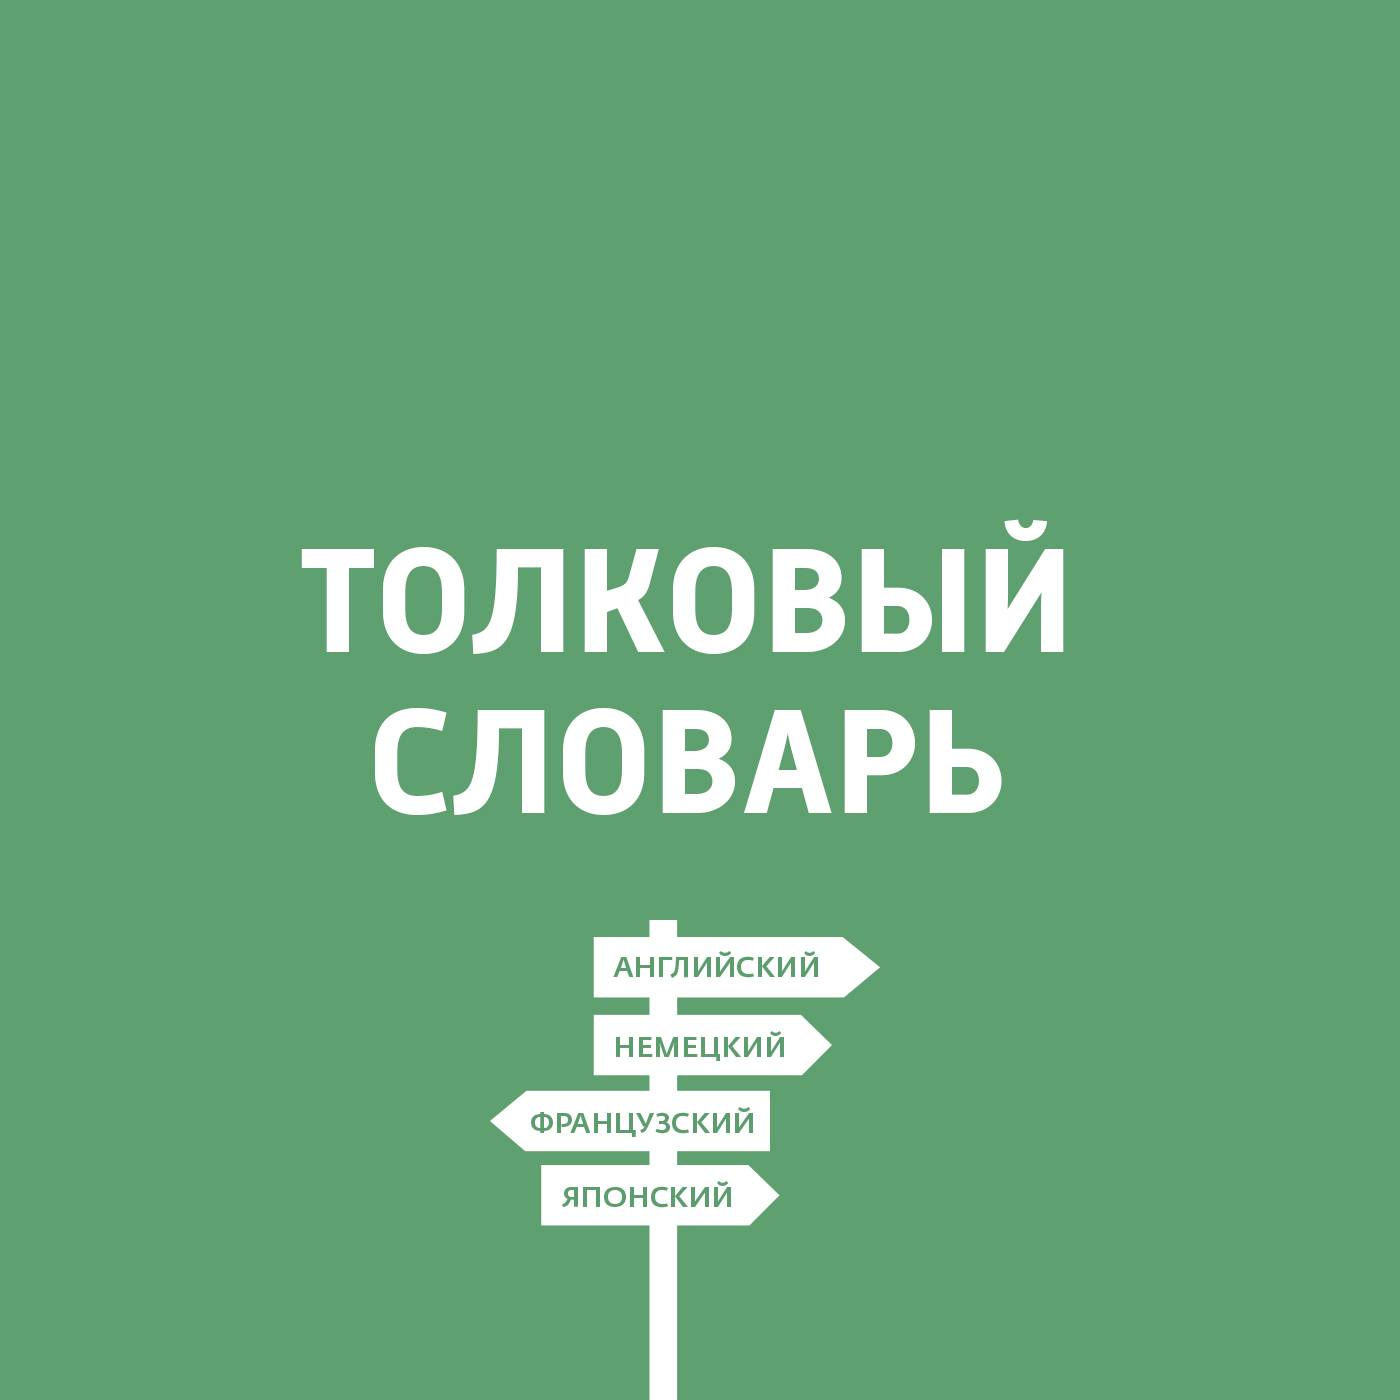 Дмитрий Петров История испанского языка. Средние века говорим с пеленок